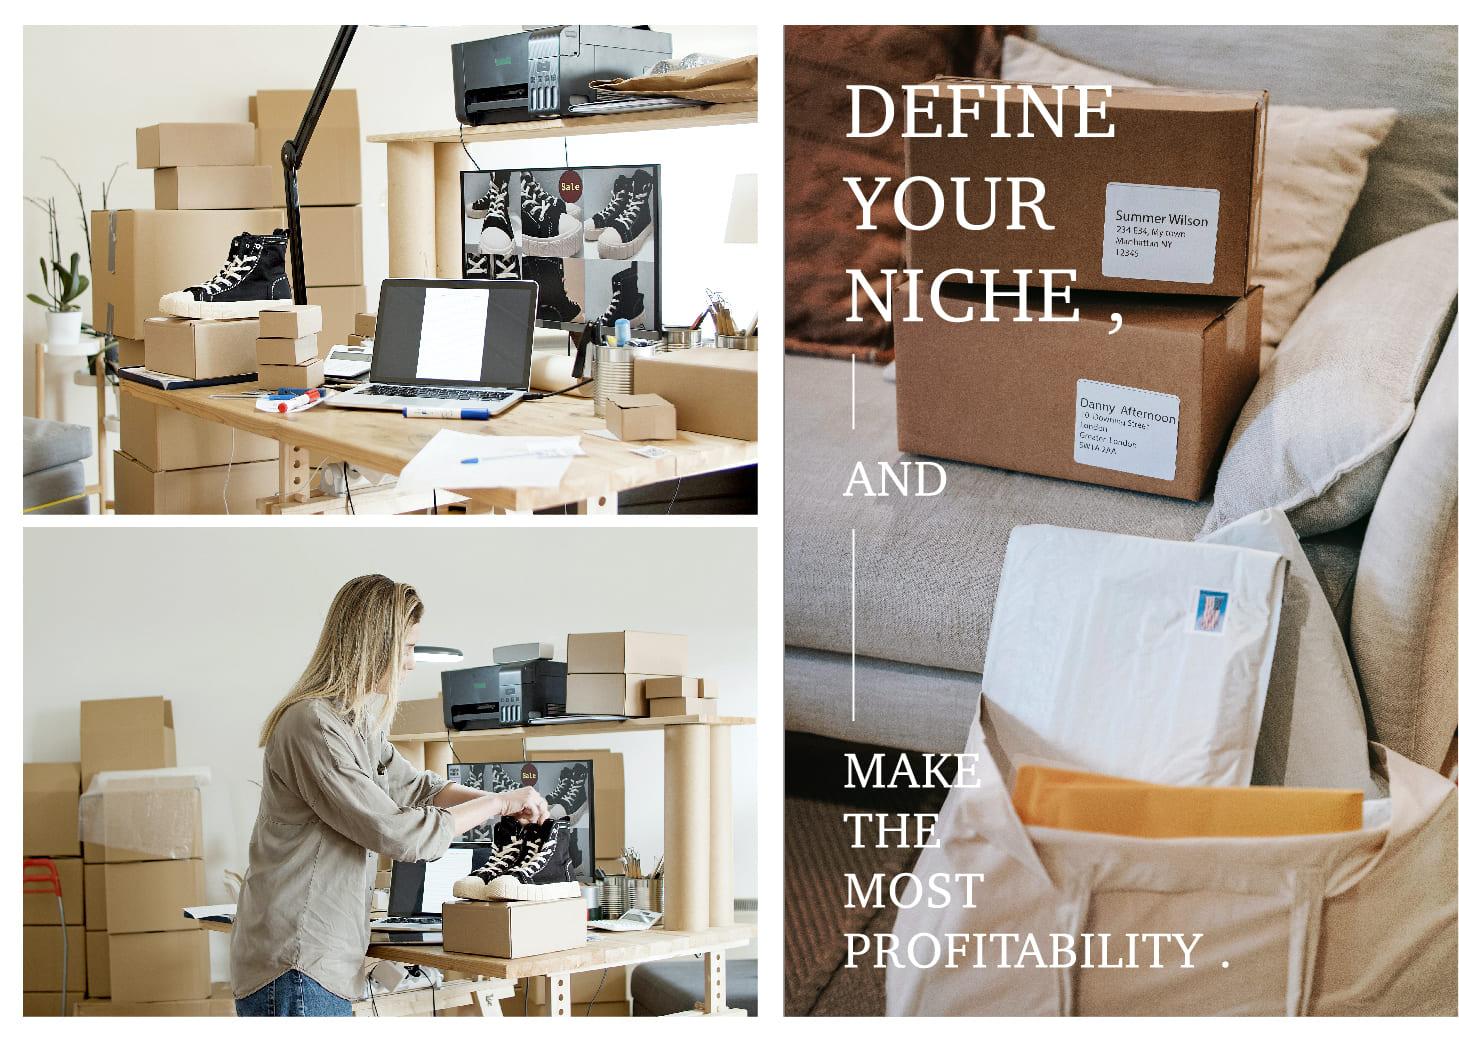 小眾≠沒錢賺!新創電商起步攻略:「利基市場」成為小客群中的領頭羊 3大獨特性需掌握Define your niche, and make the most profitability.